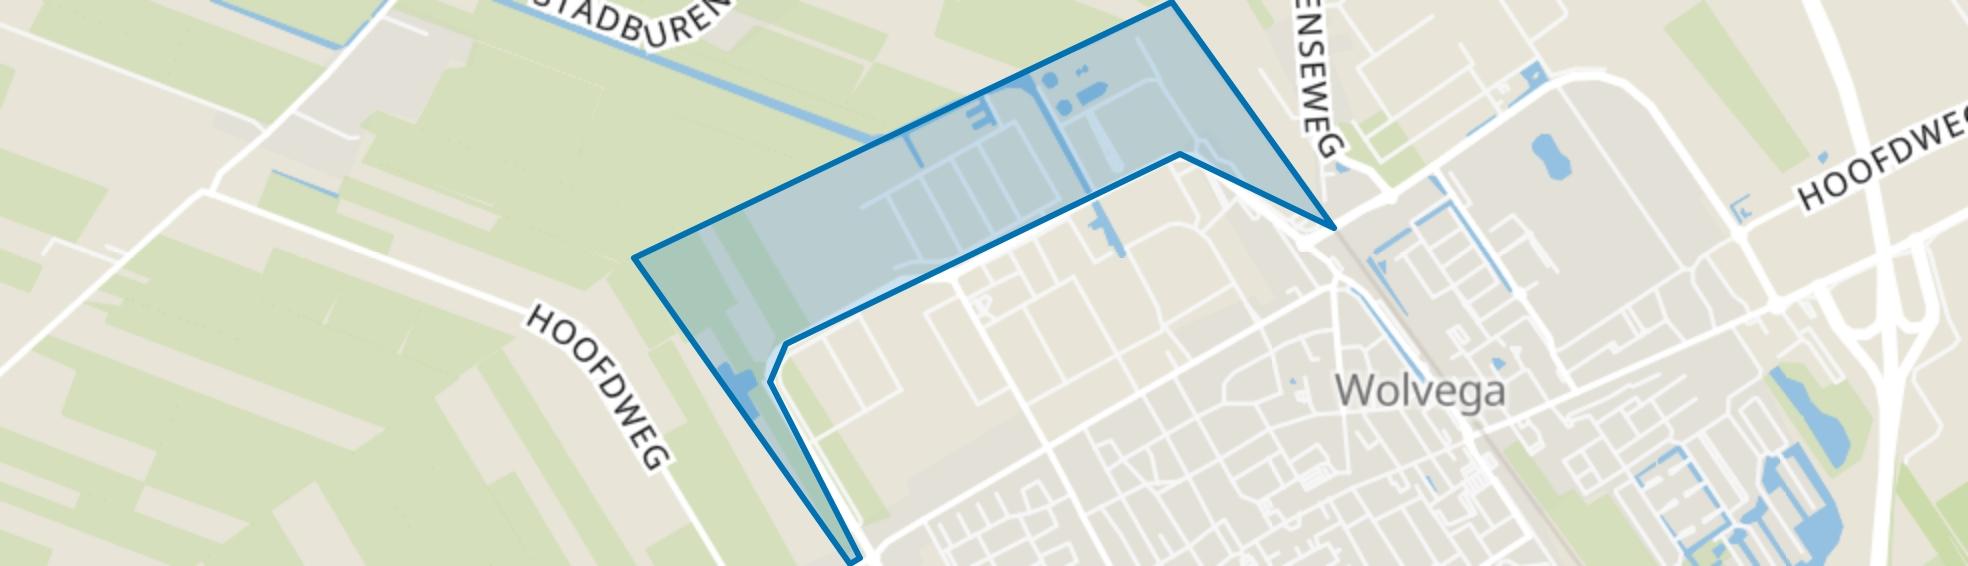 Wolvega-Schipsloot, Wolvega map